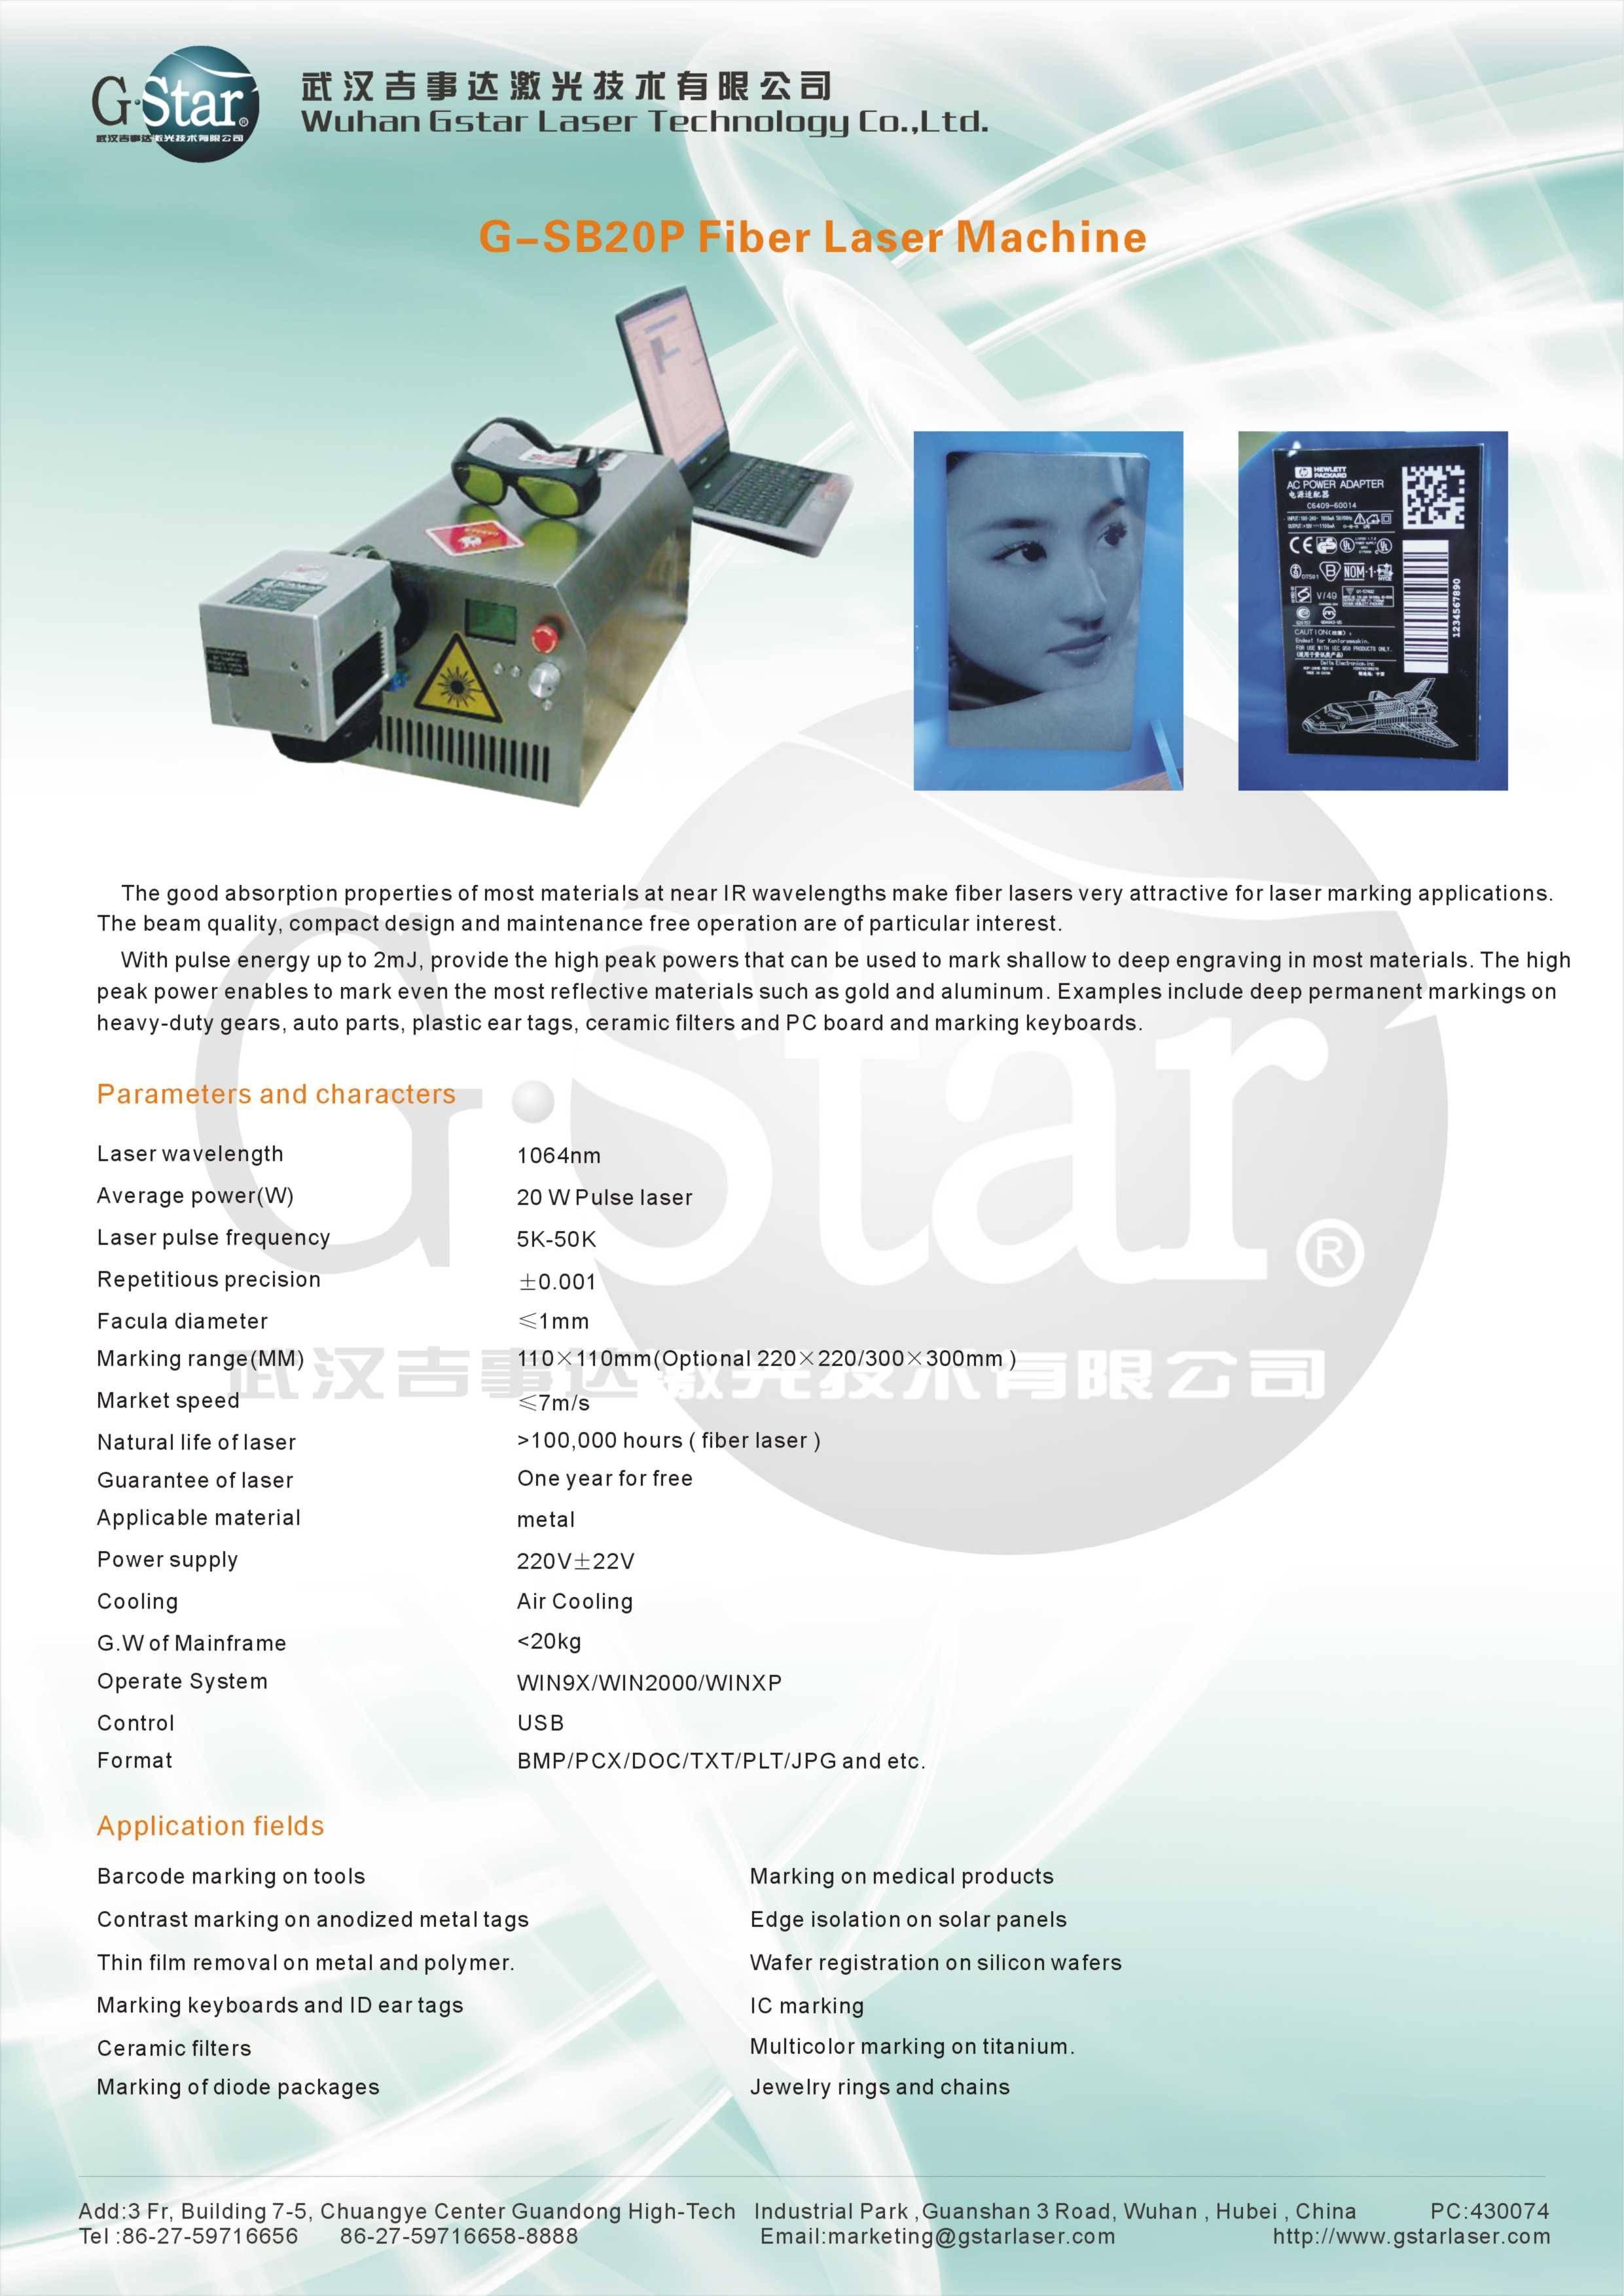 G-SB20P fiber laser marking machine